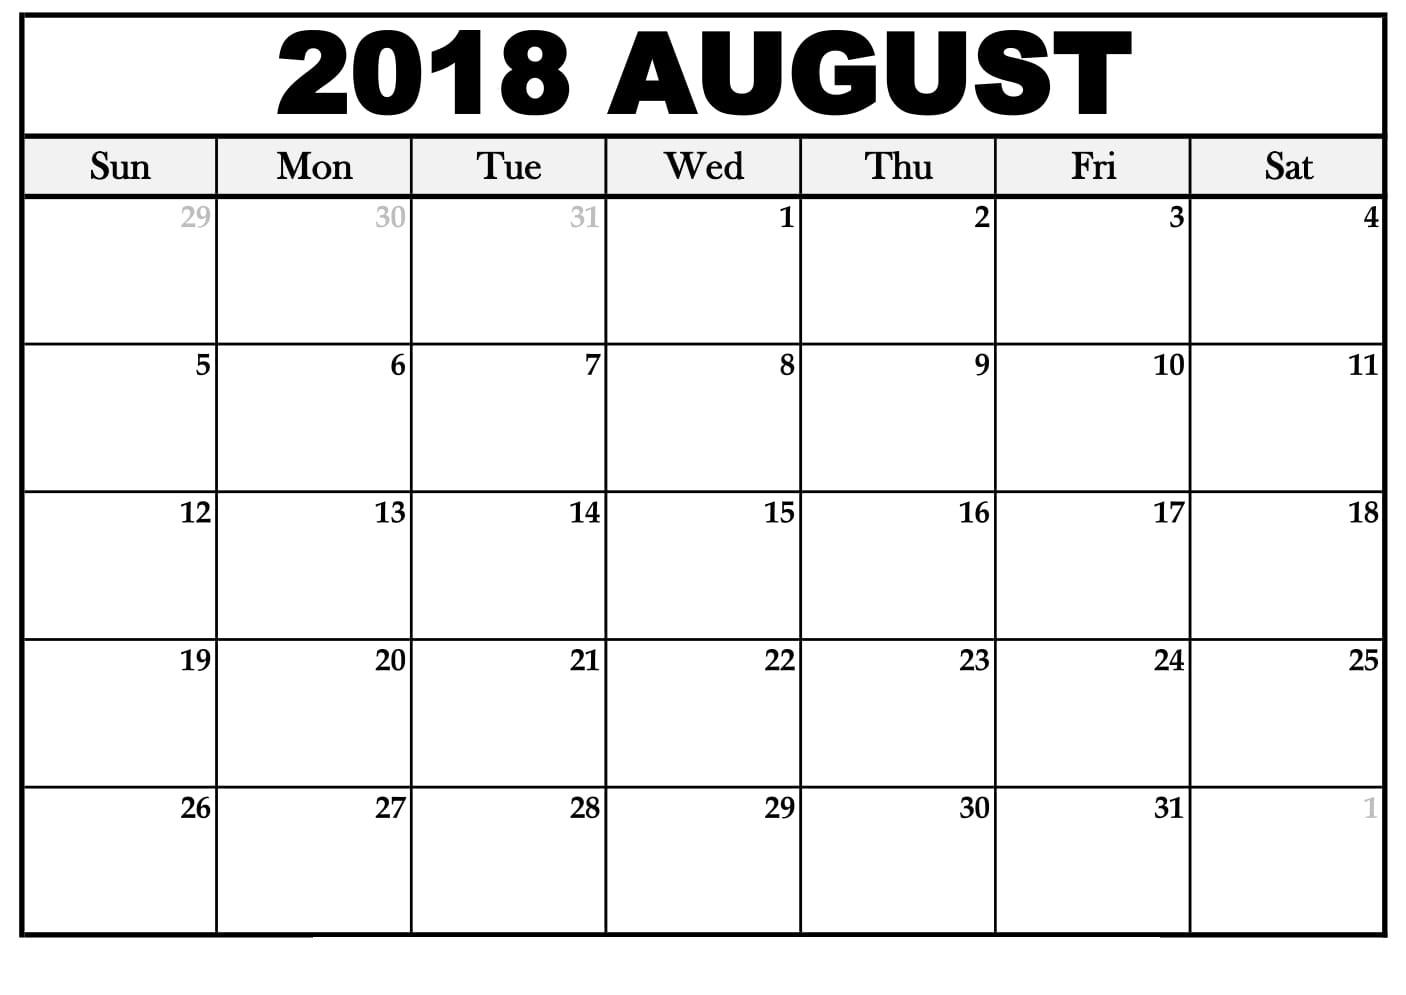 Blank Calendar August 2018 Printable Pdf, Word, Excel Template inside August Blank Calendar Printable